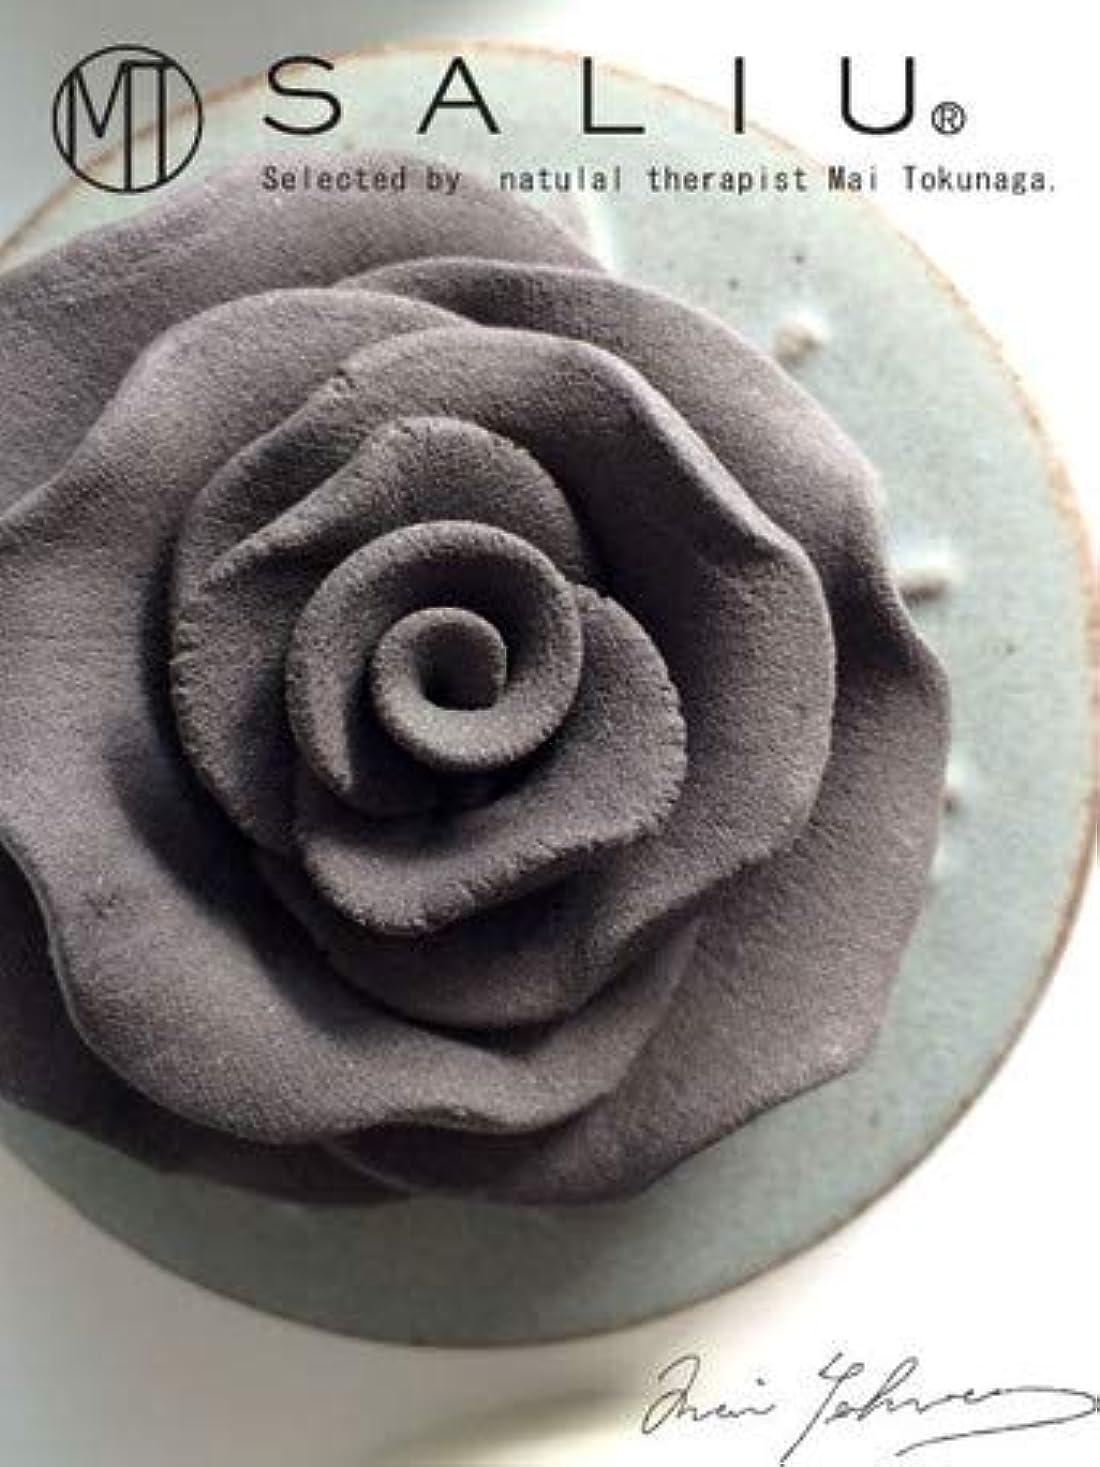 靴世論調査損なうLOLO ロロ SALIU ローズセット 黒 ブラック ローズ?トレイ:陶器 フレグランスオイル内容量5ml